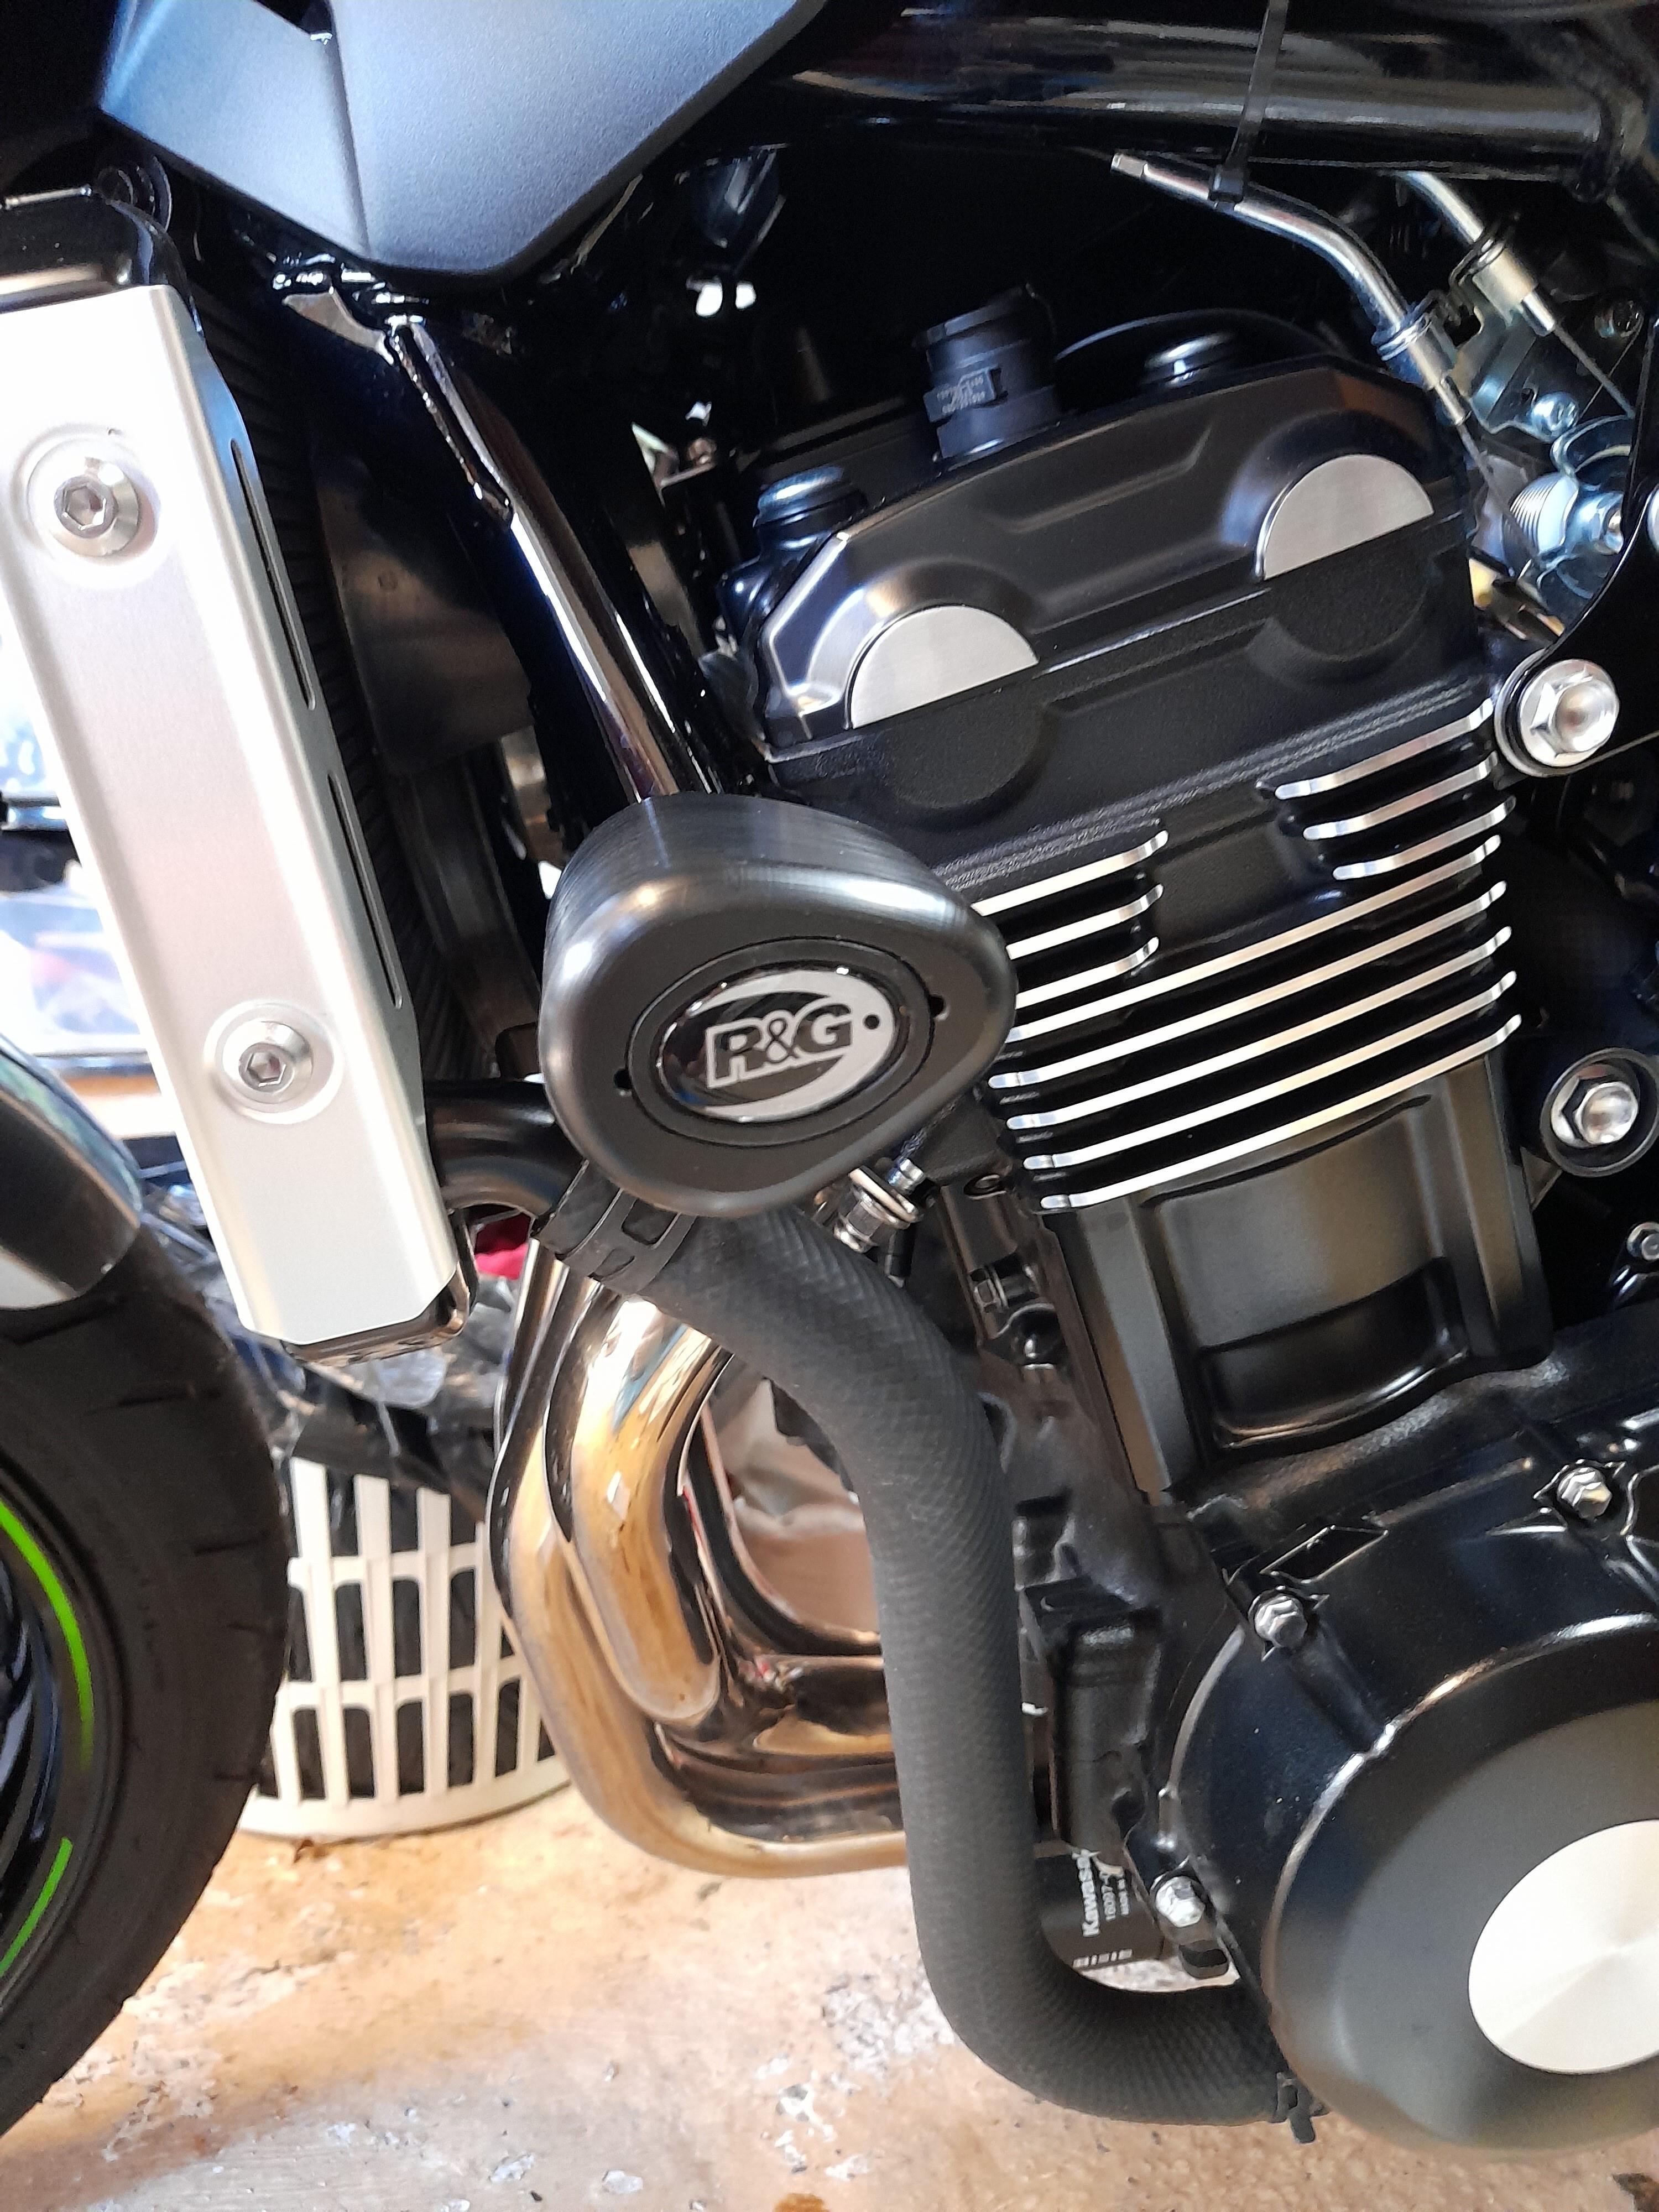 Z900RS R&G Crash Bobbins 001 (2).jpg